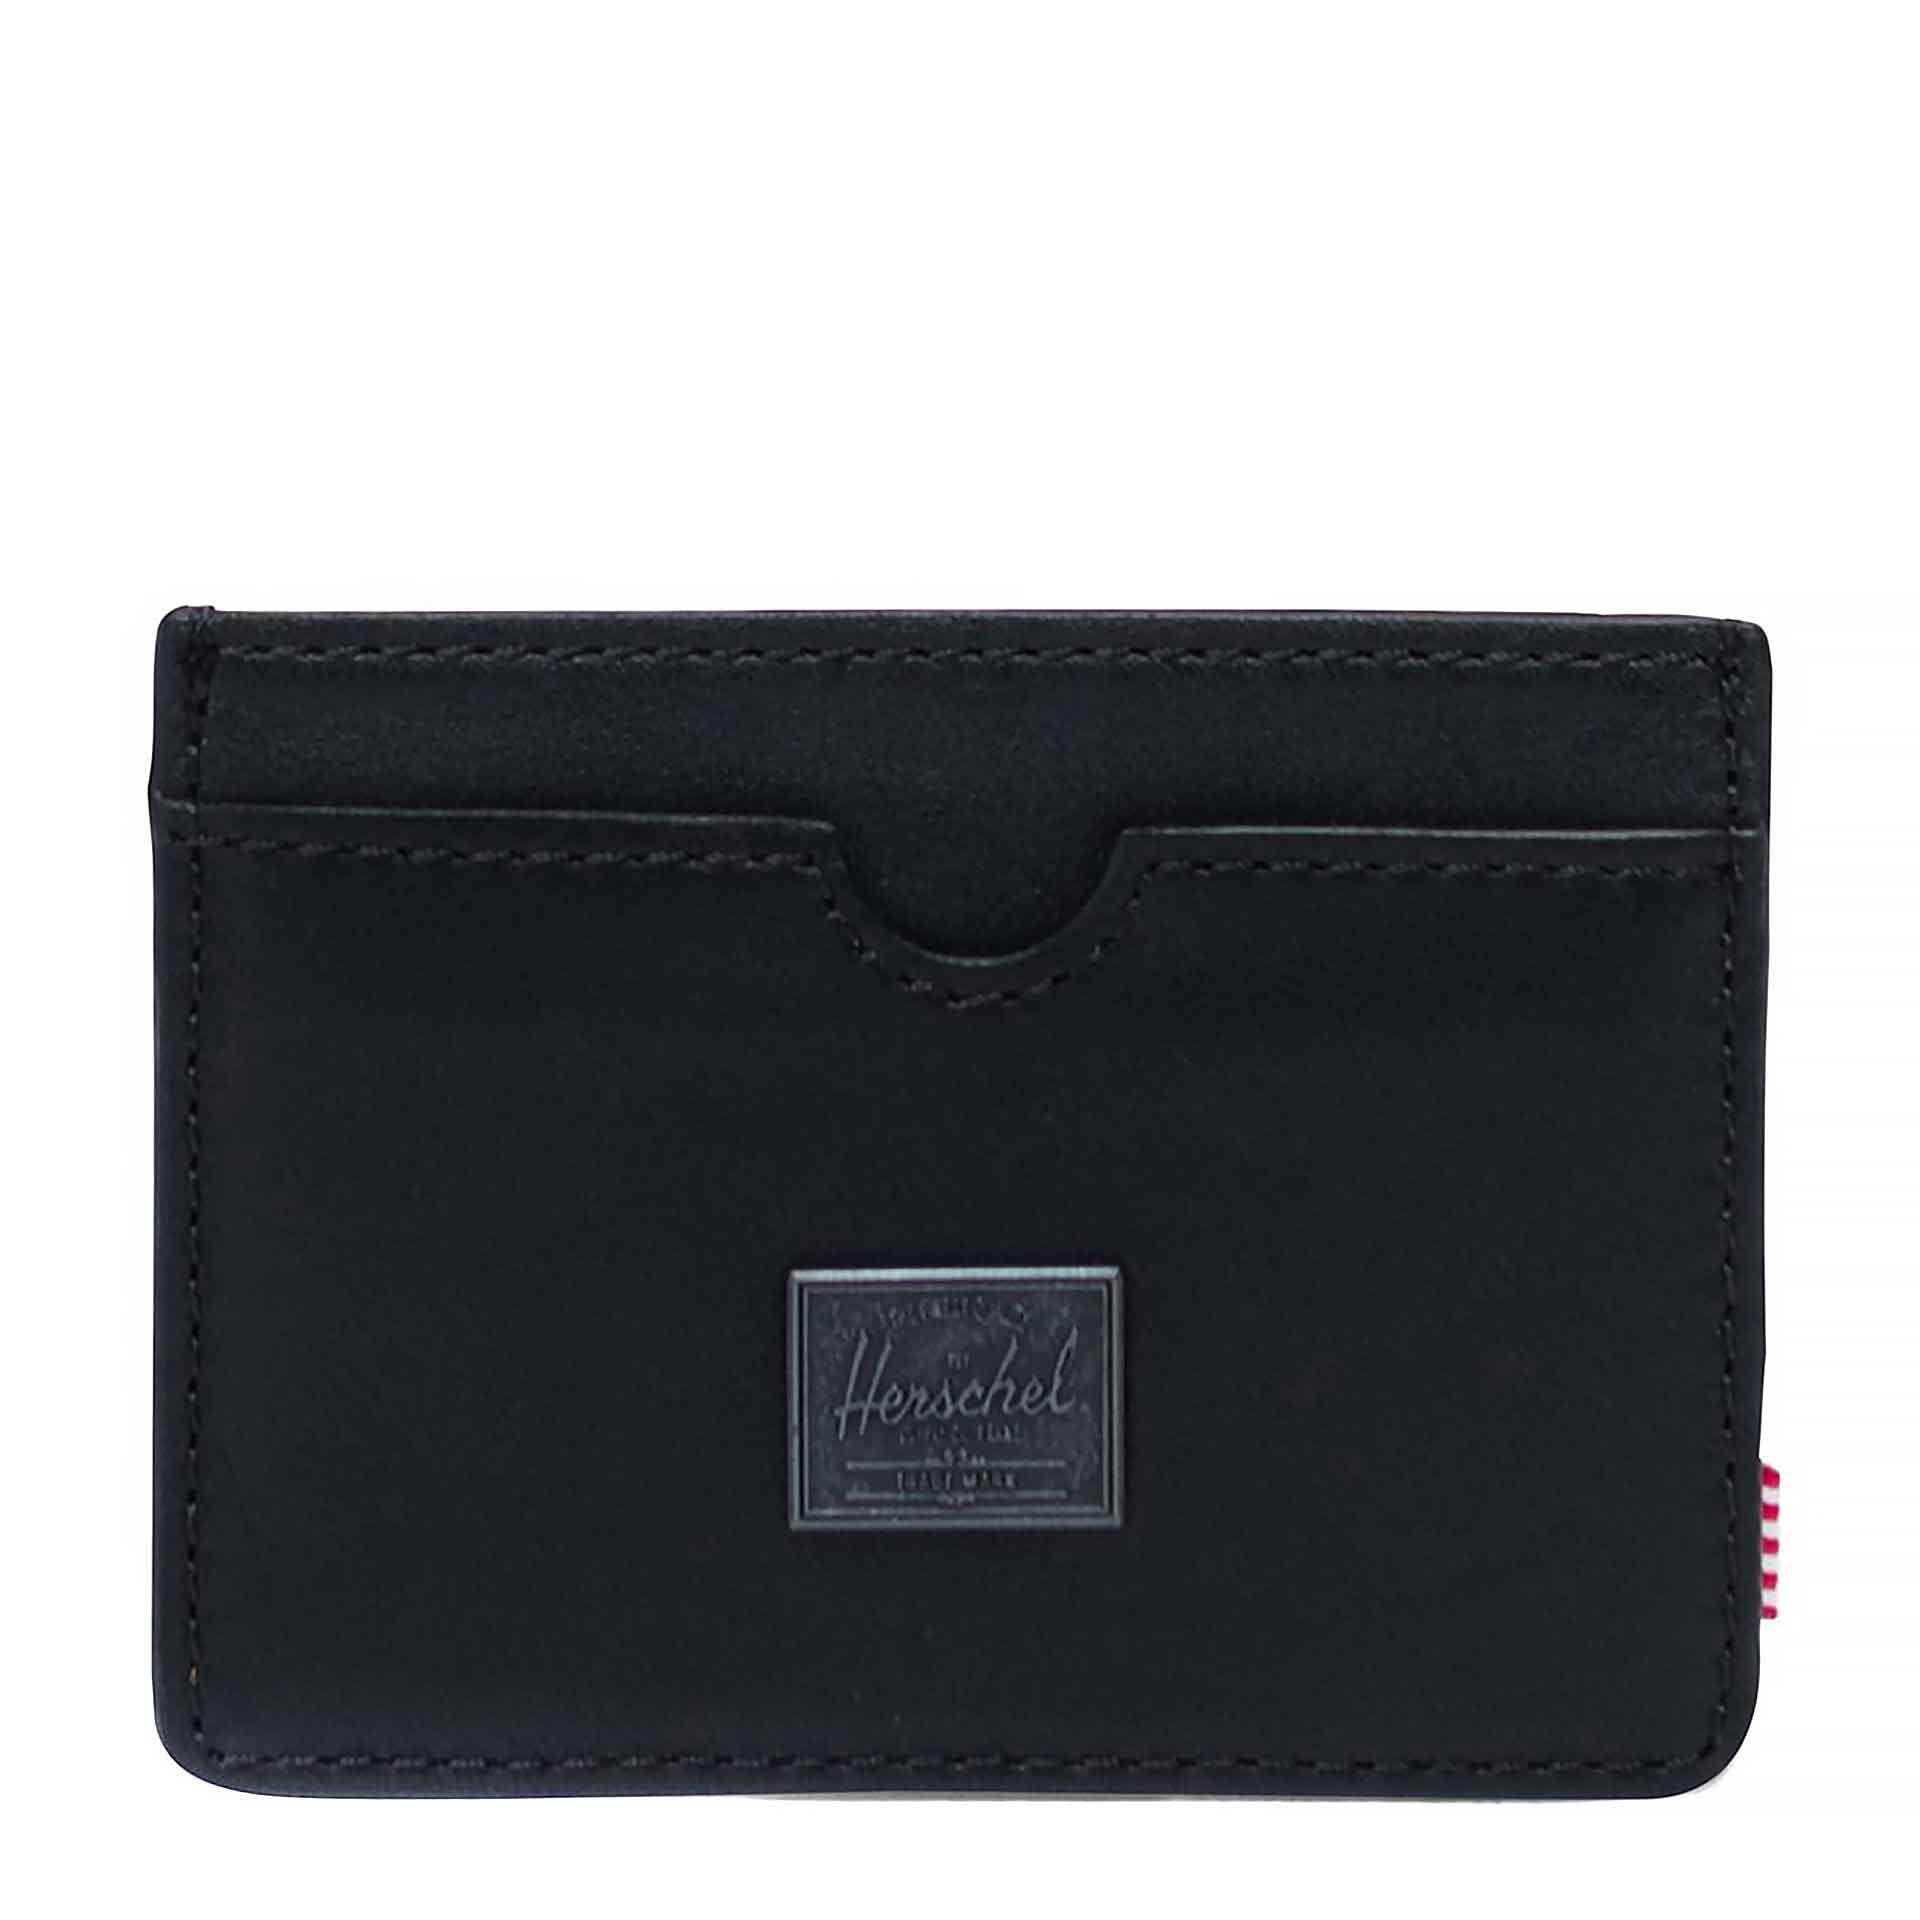 Herschel Charlie Geldbörse aus Leder black